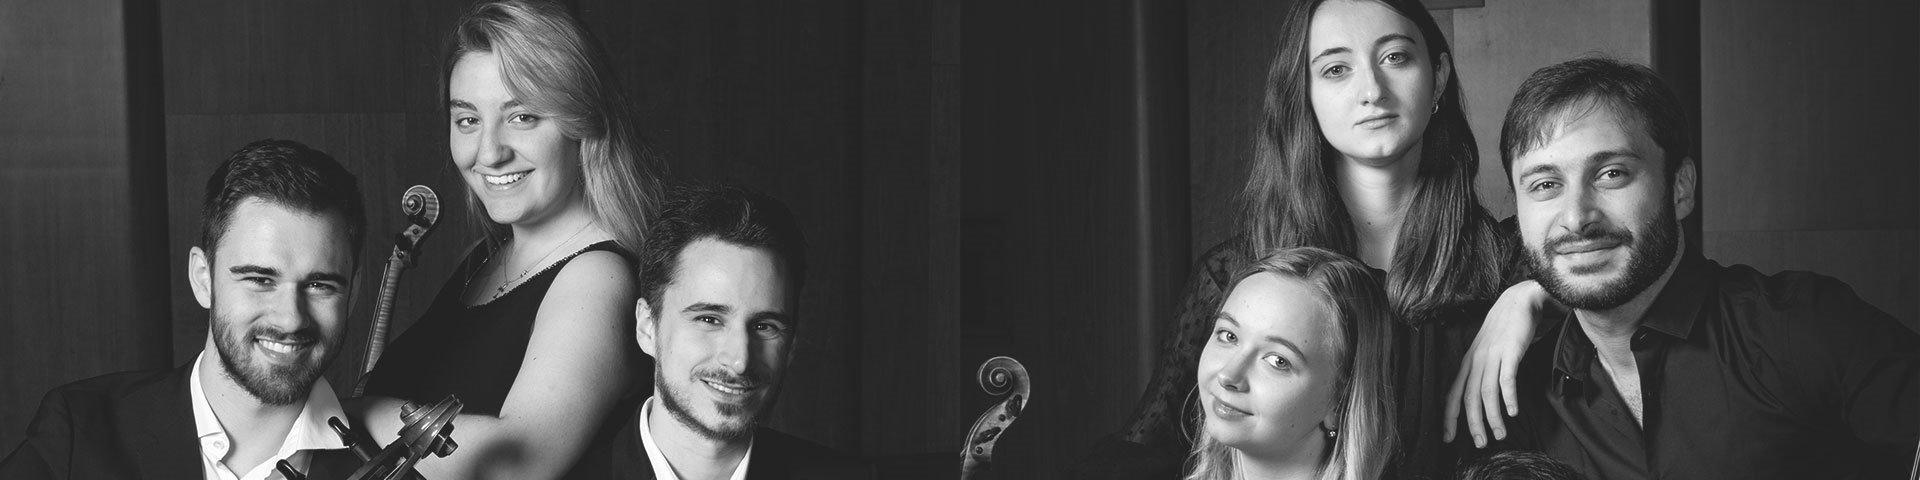 Cuarteto Mendelssohn de BP y Trío Mozart de Deloitte